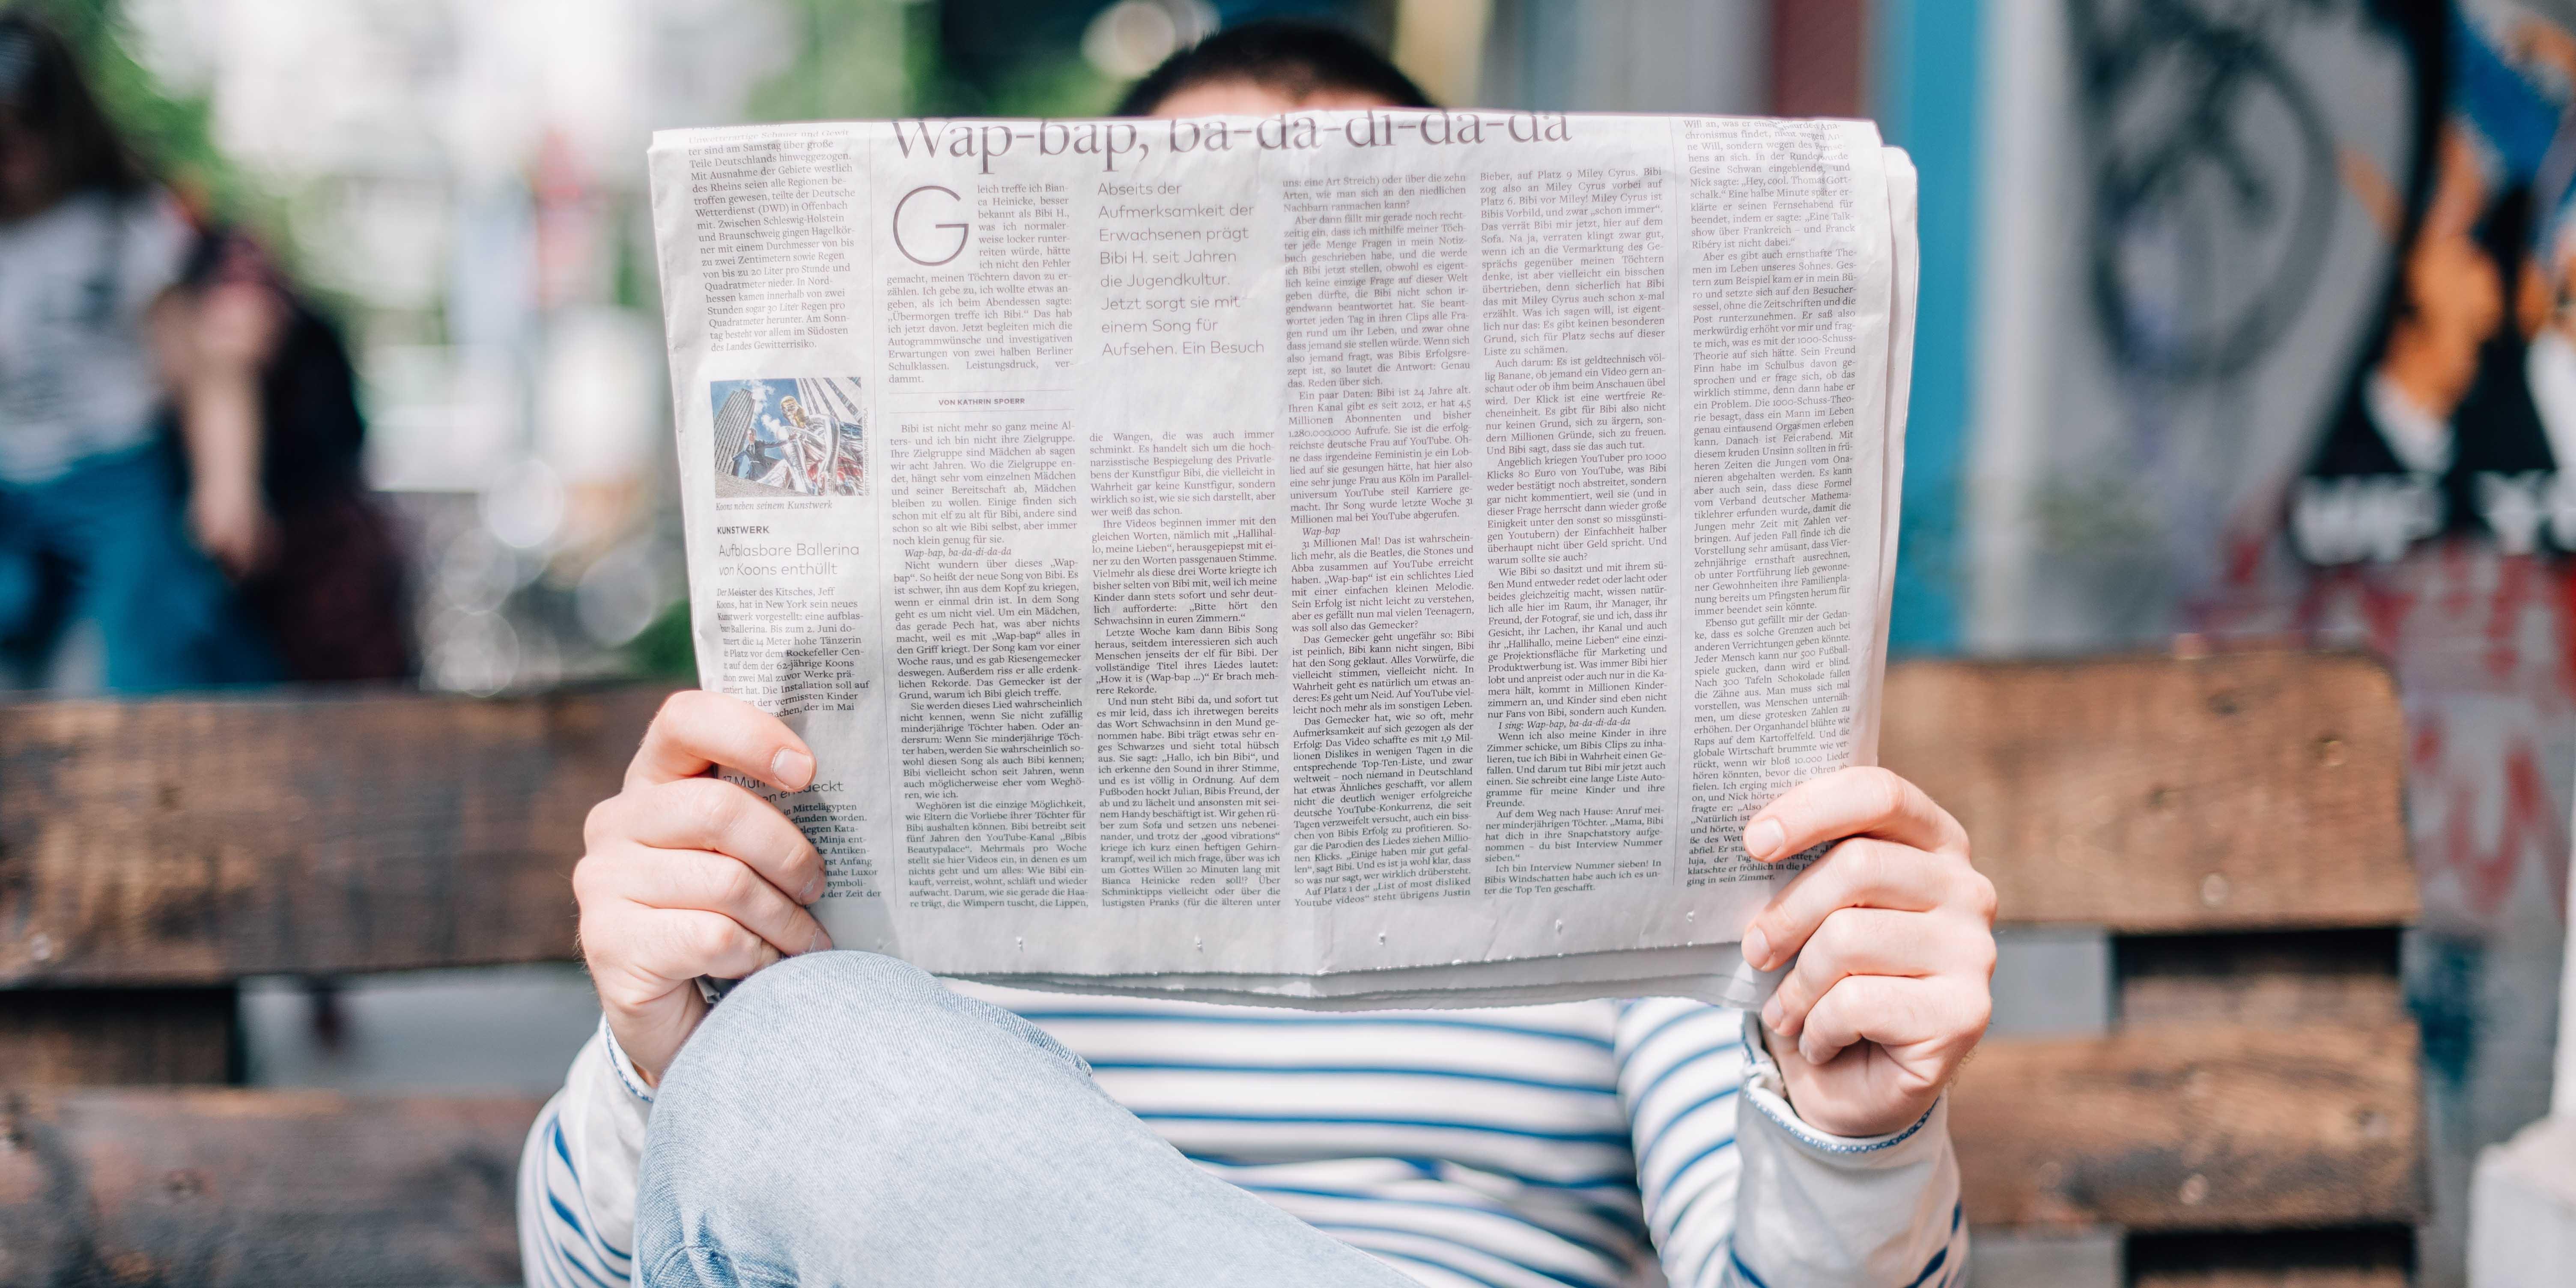 Je persbericht gepubliceerd krijgen: wees actueel, relevant en identificeerbaar